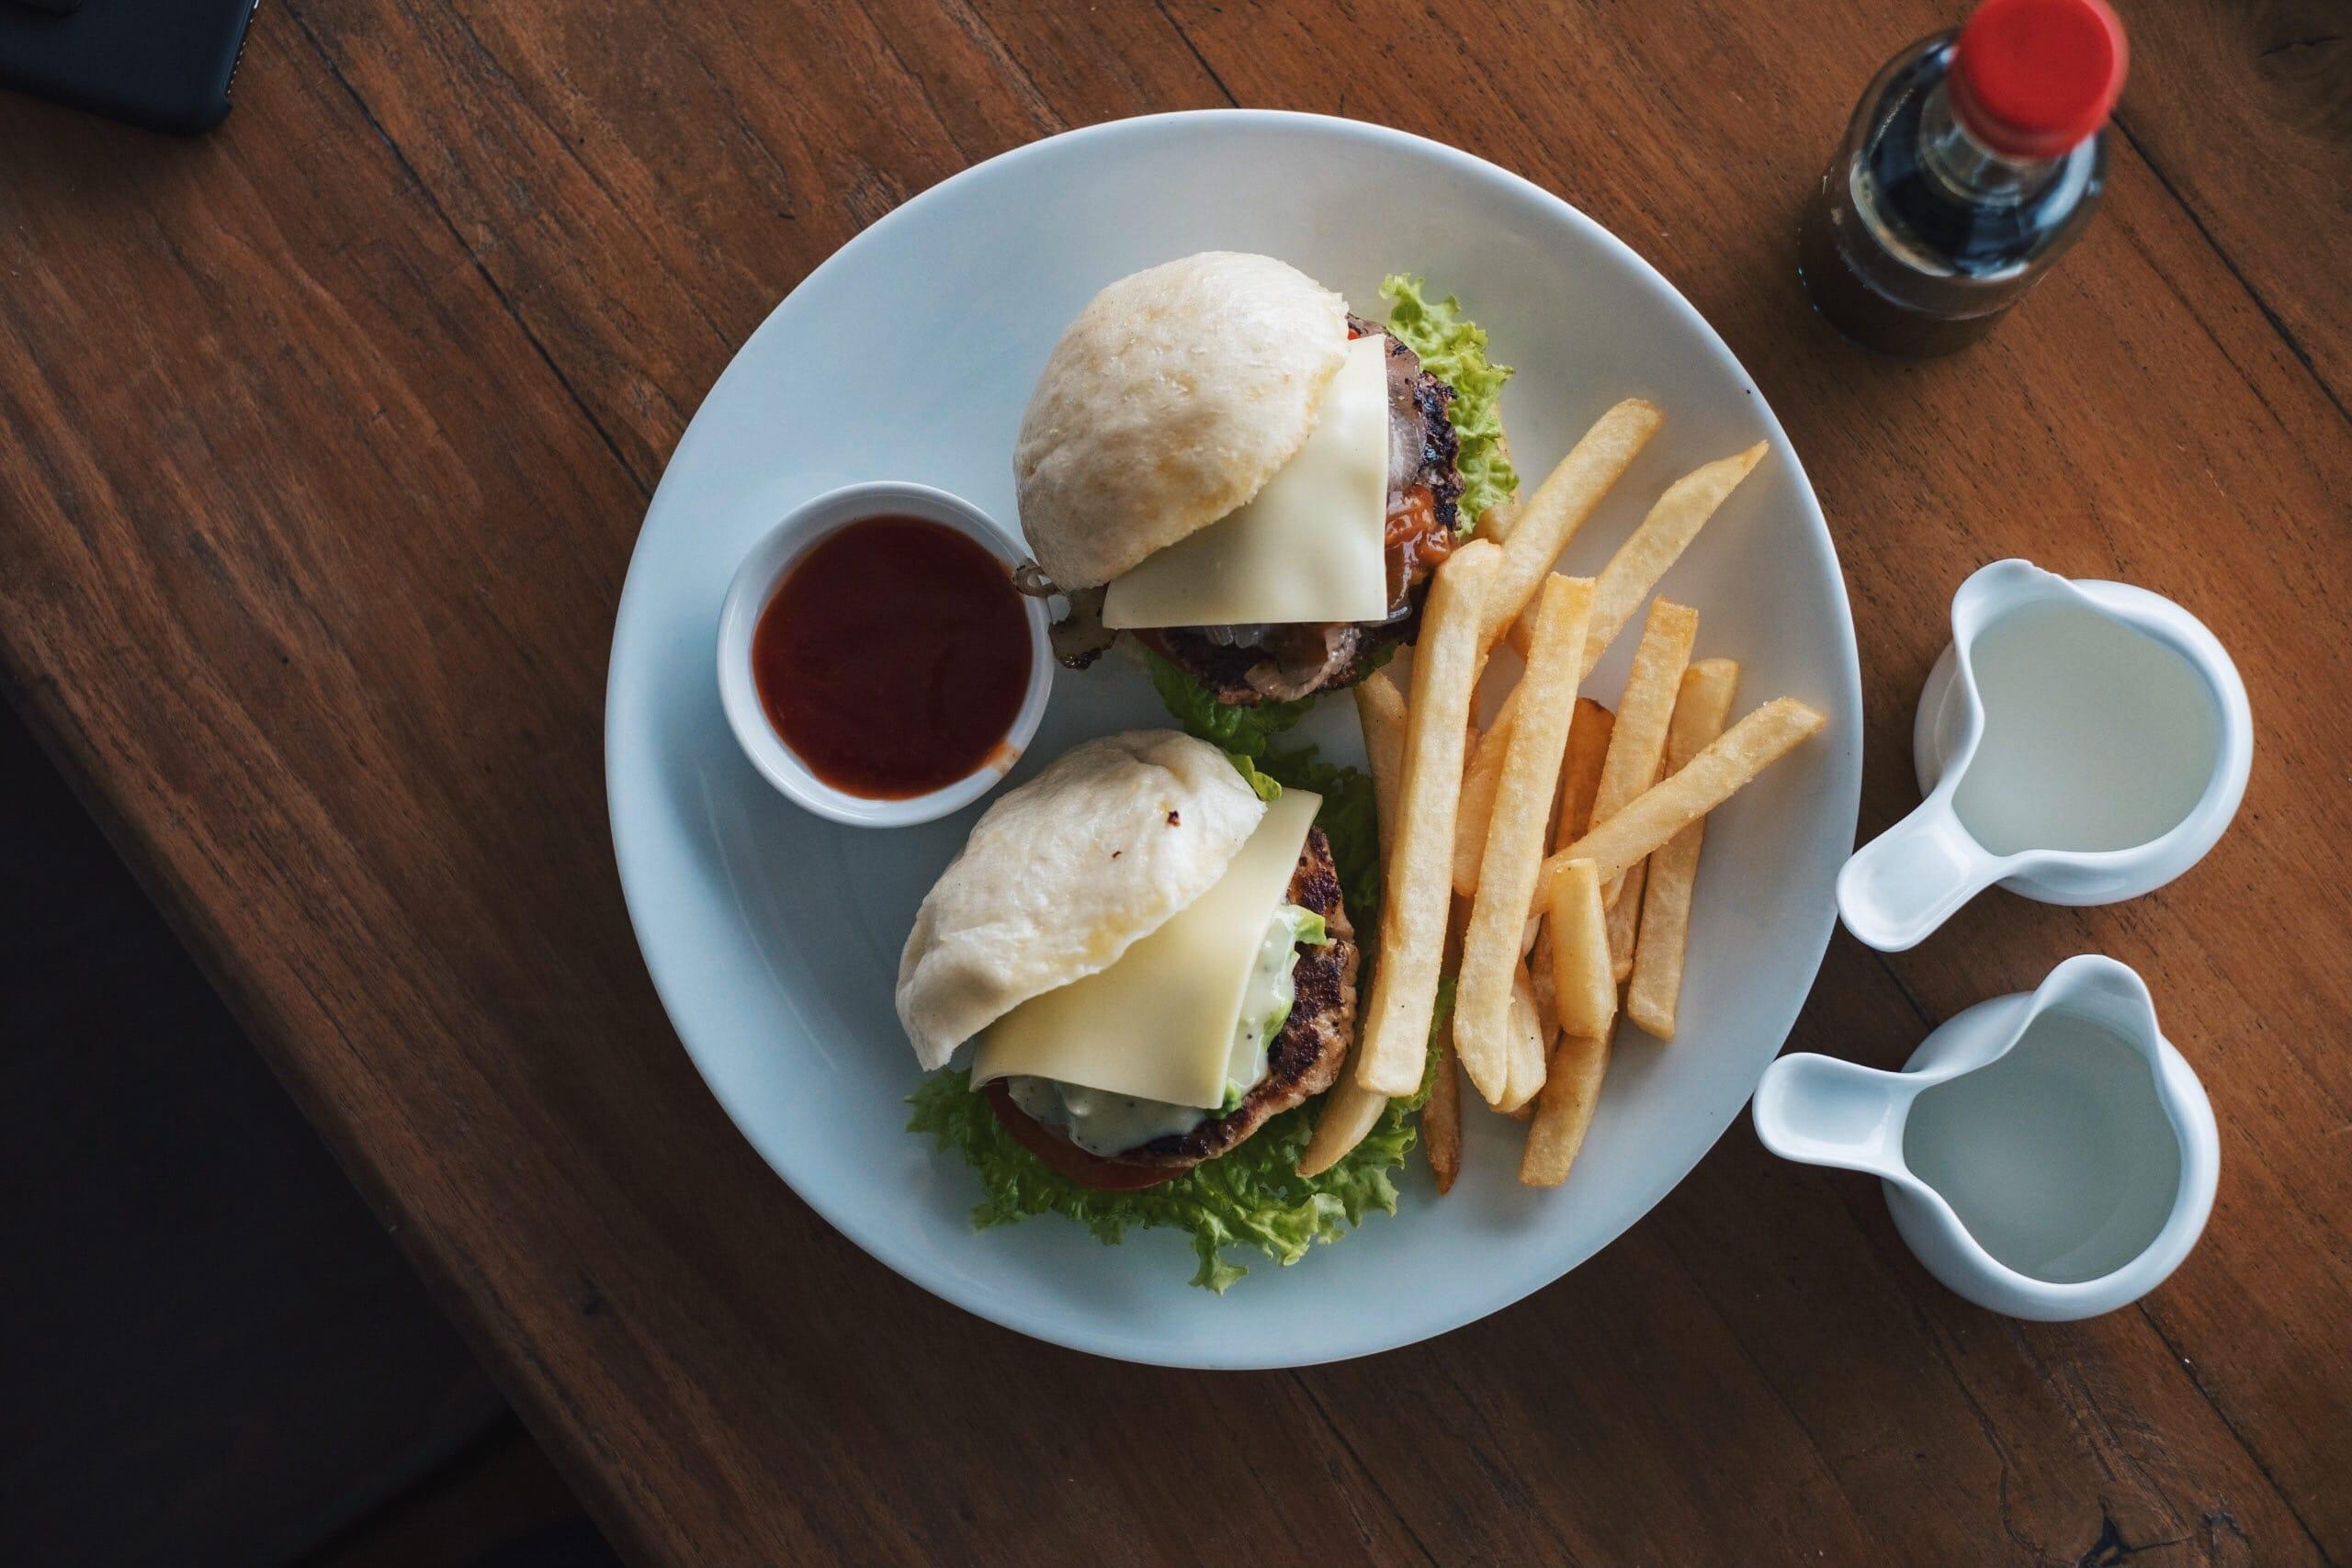 コーヒーを飲むためにみなここへ来る。コロンボの海沿いカフェ「Whight & Co Cafe」|スリランカ